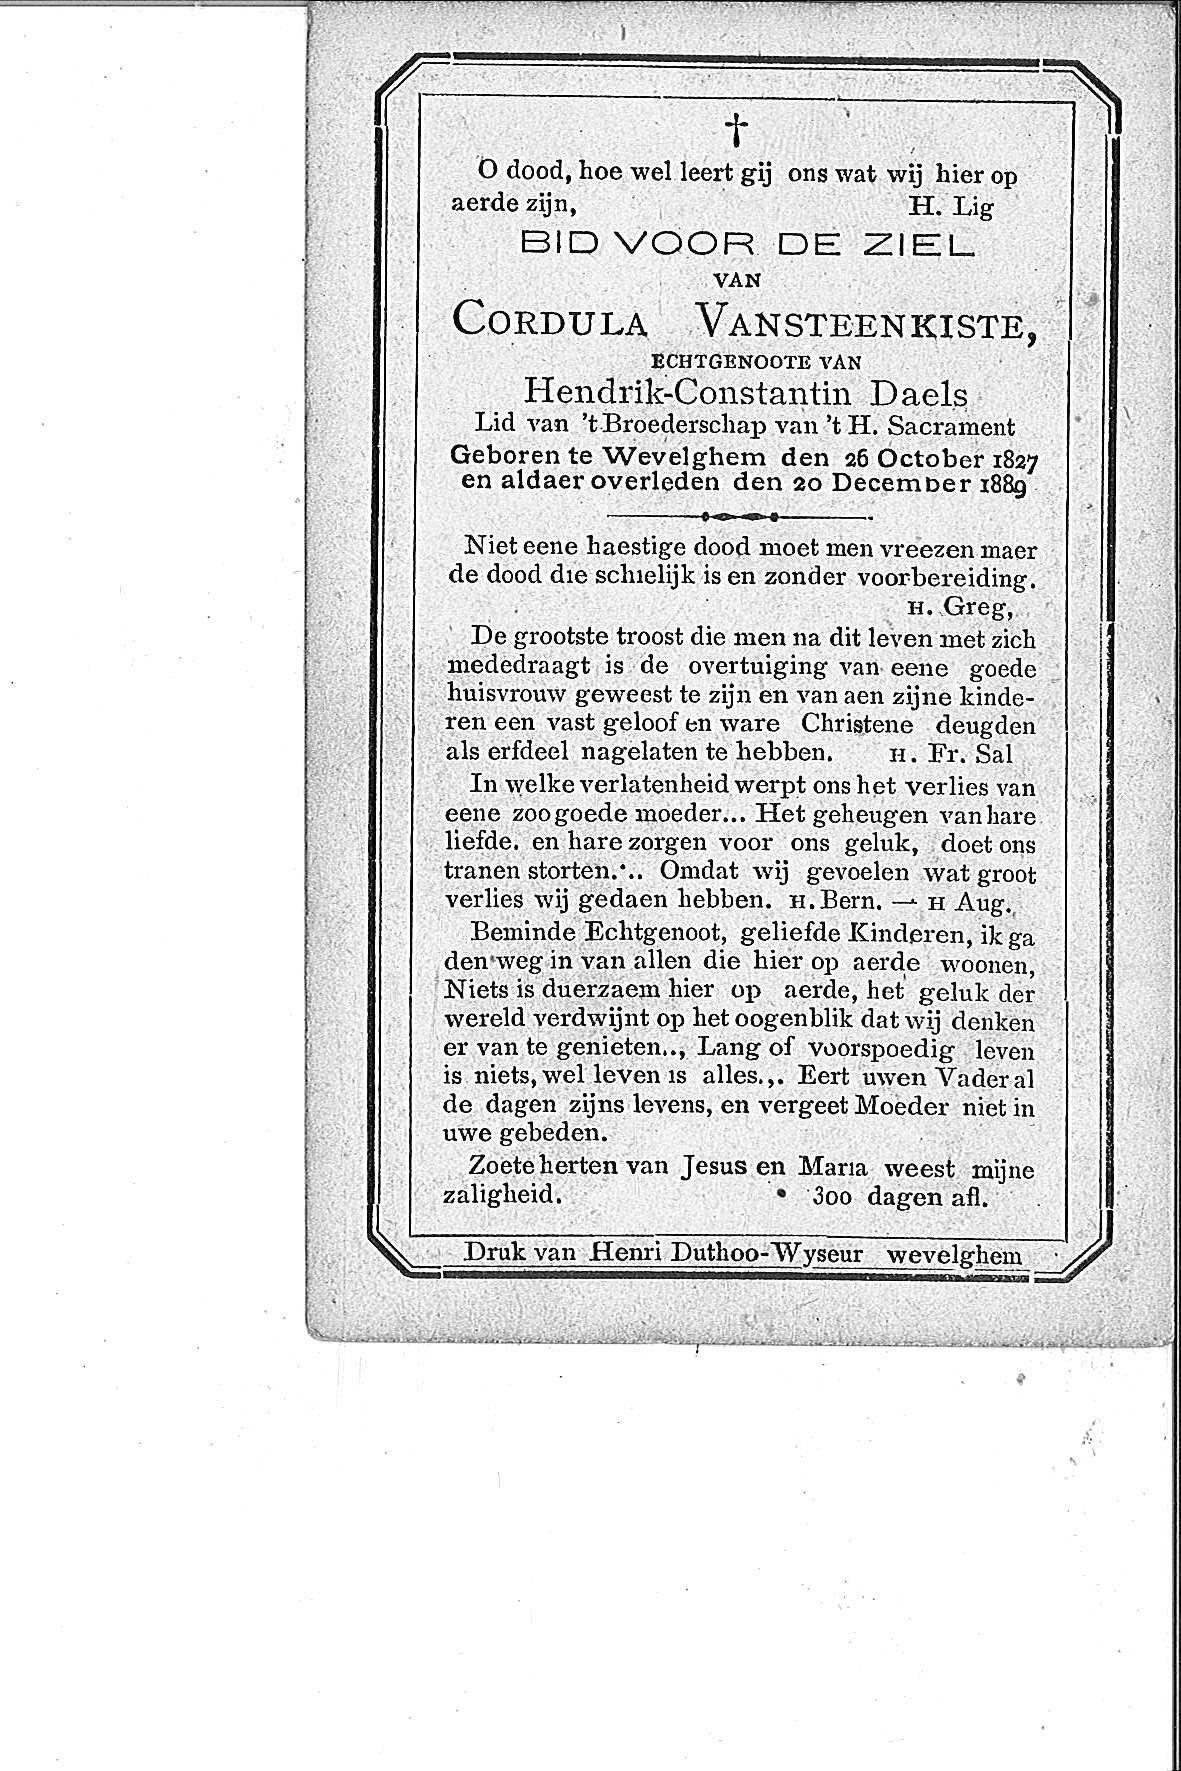 Cordula(1889)20150706143515_00034.jpg